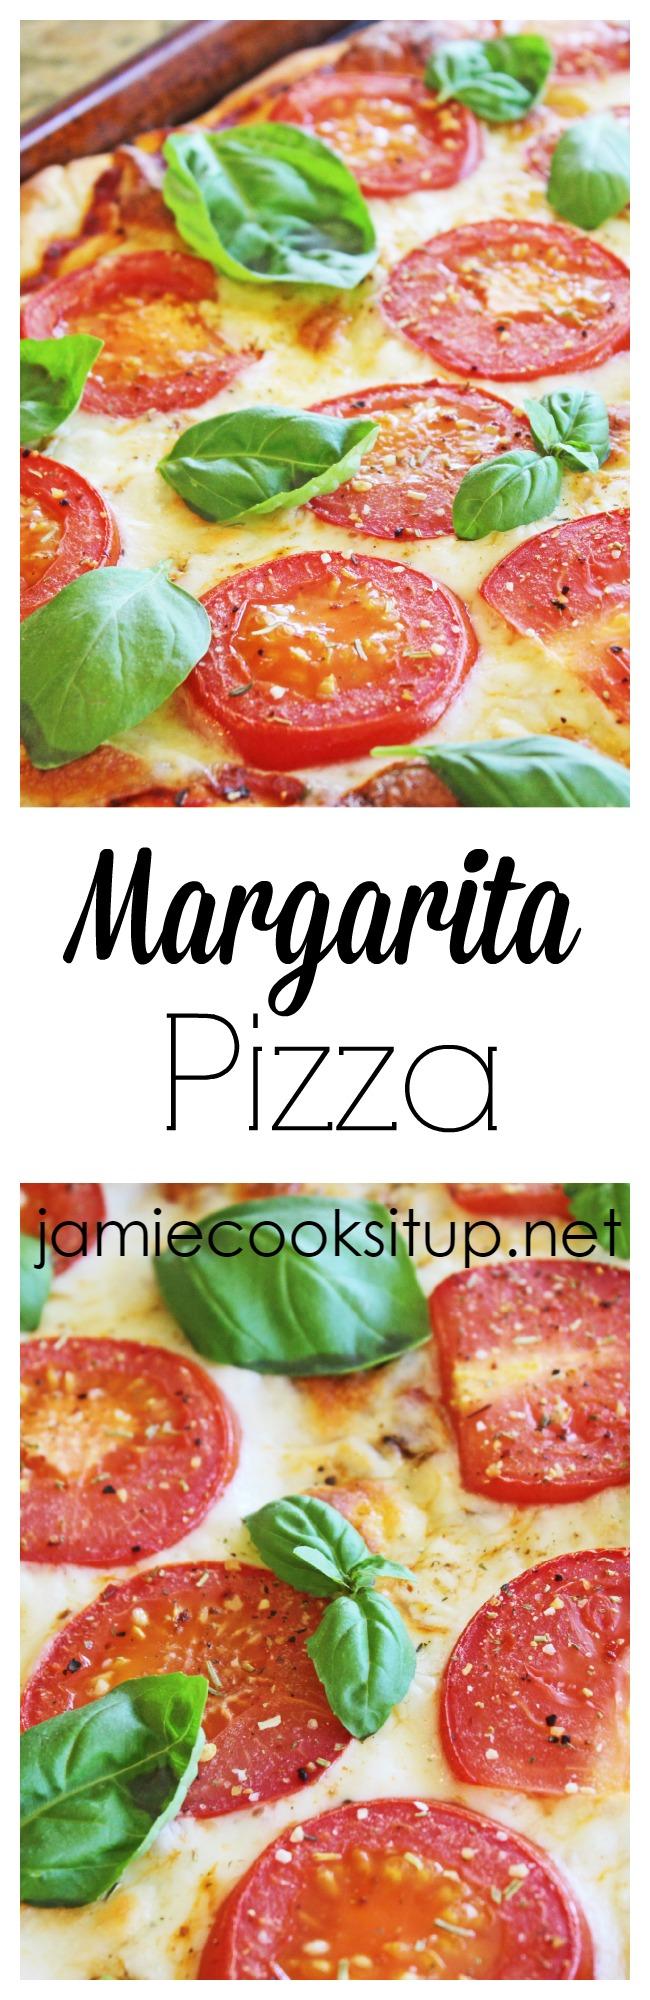 Margarita Pizza at Jamie Cooks It Up!